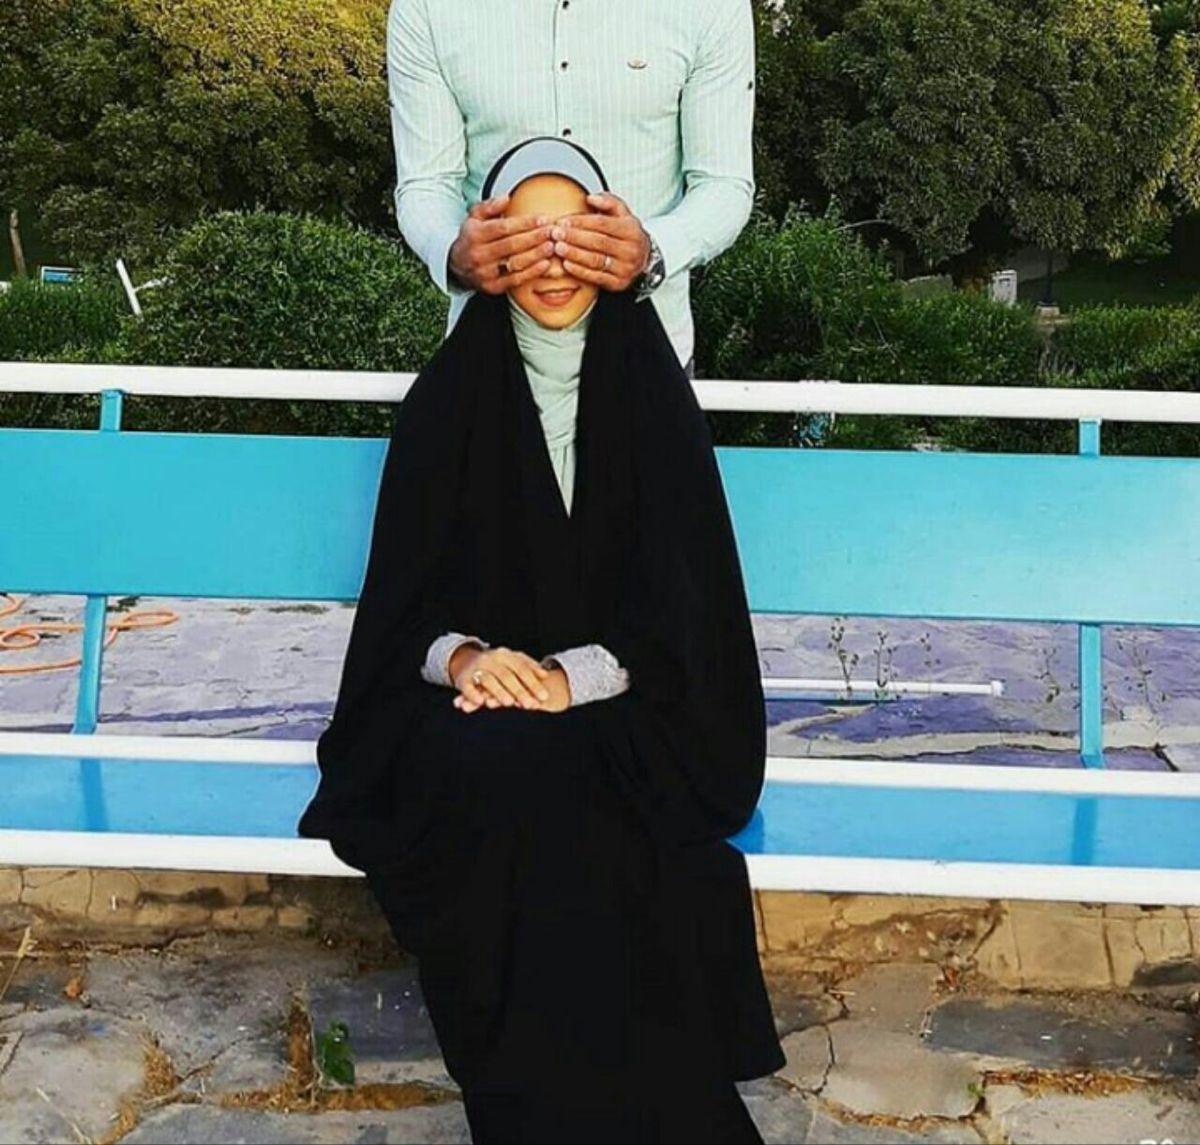 ألطف مواساه زين اضحكي الخاطري Islamic Girl Beautiful Hijab Nun Dress